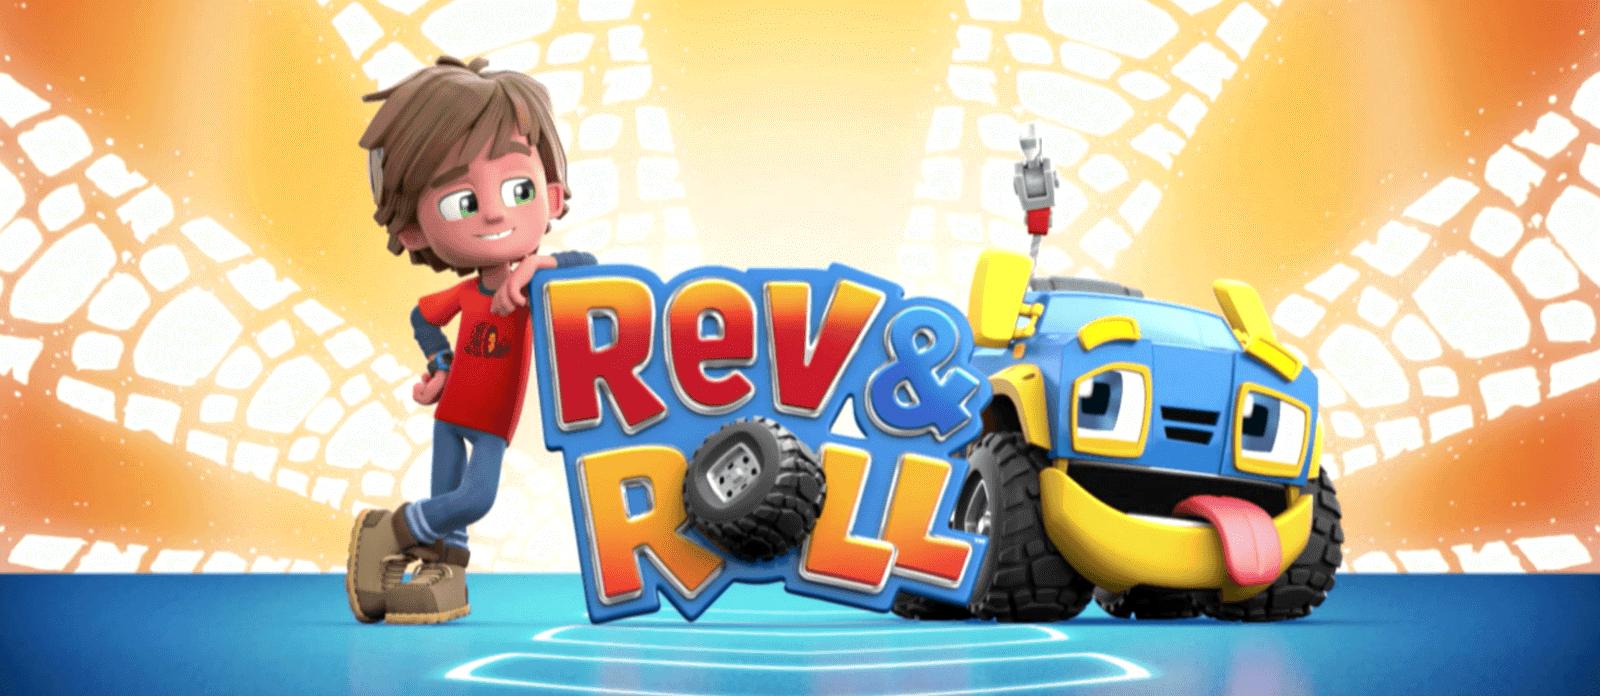 Rev&Roll EU881710 Фигурка+машинка (пластик) - Рев и Рамбл